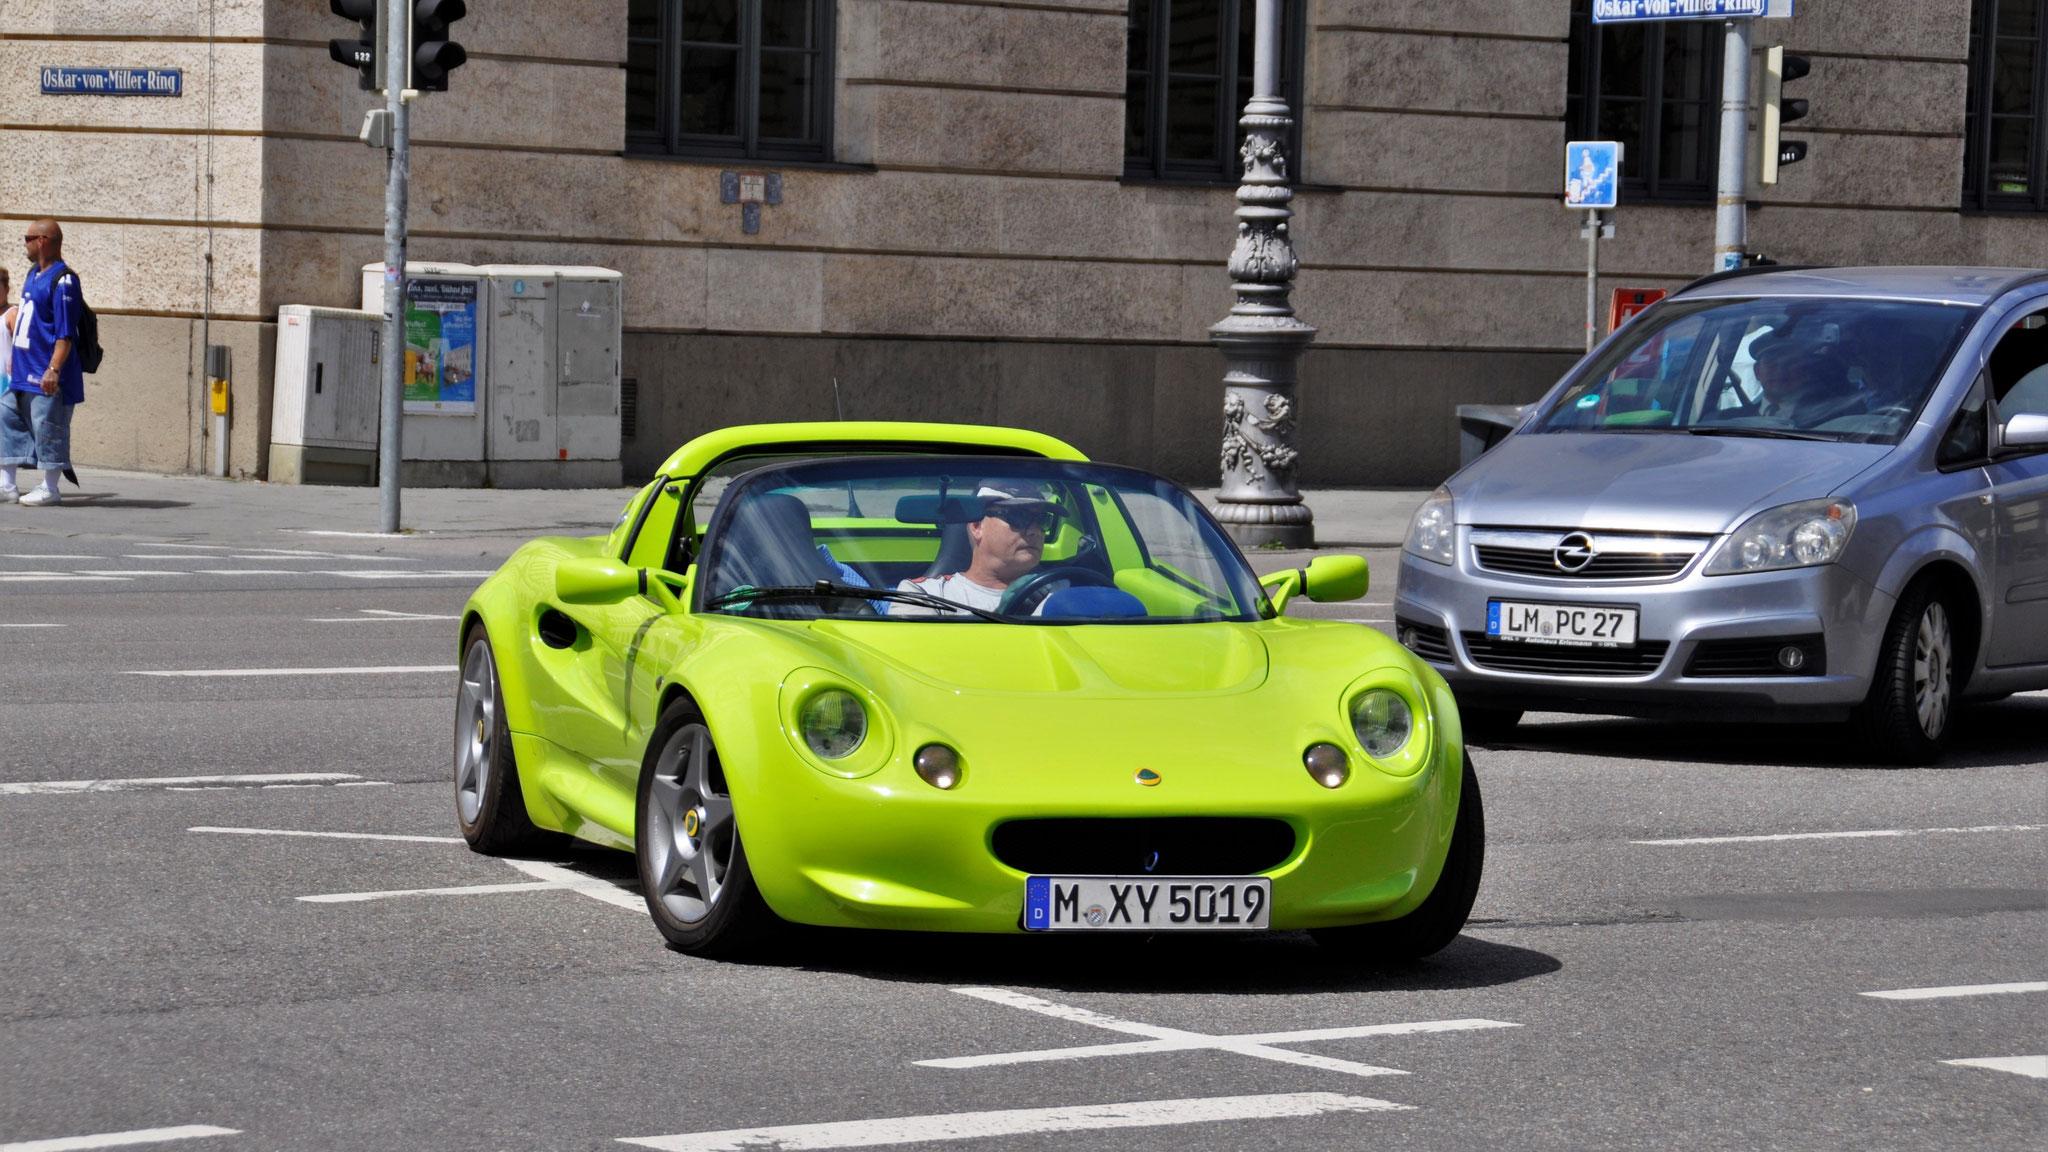 Lotus Elise S1 - M-XY-5019